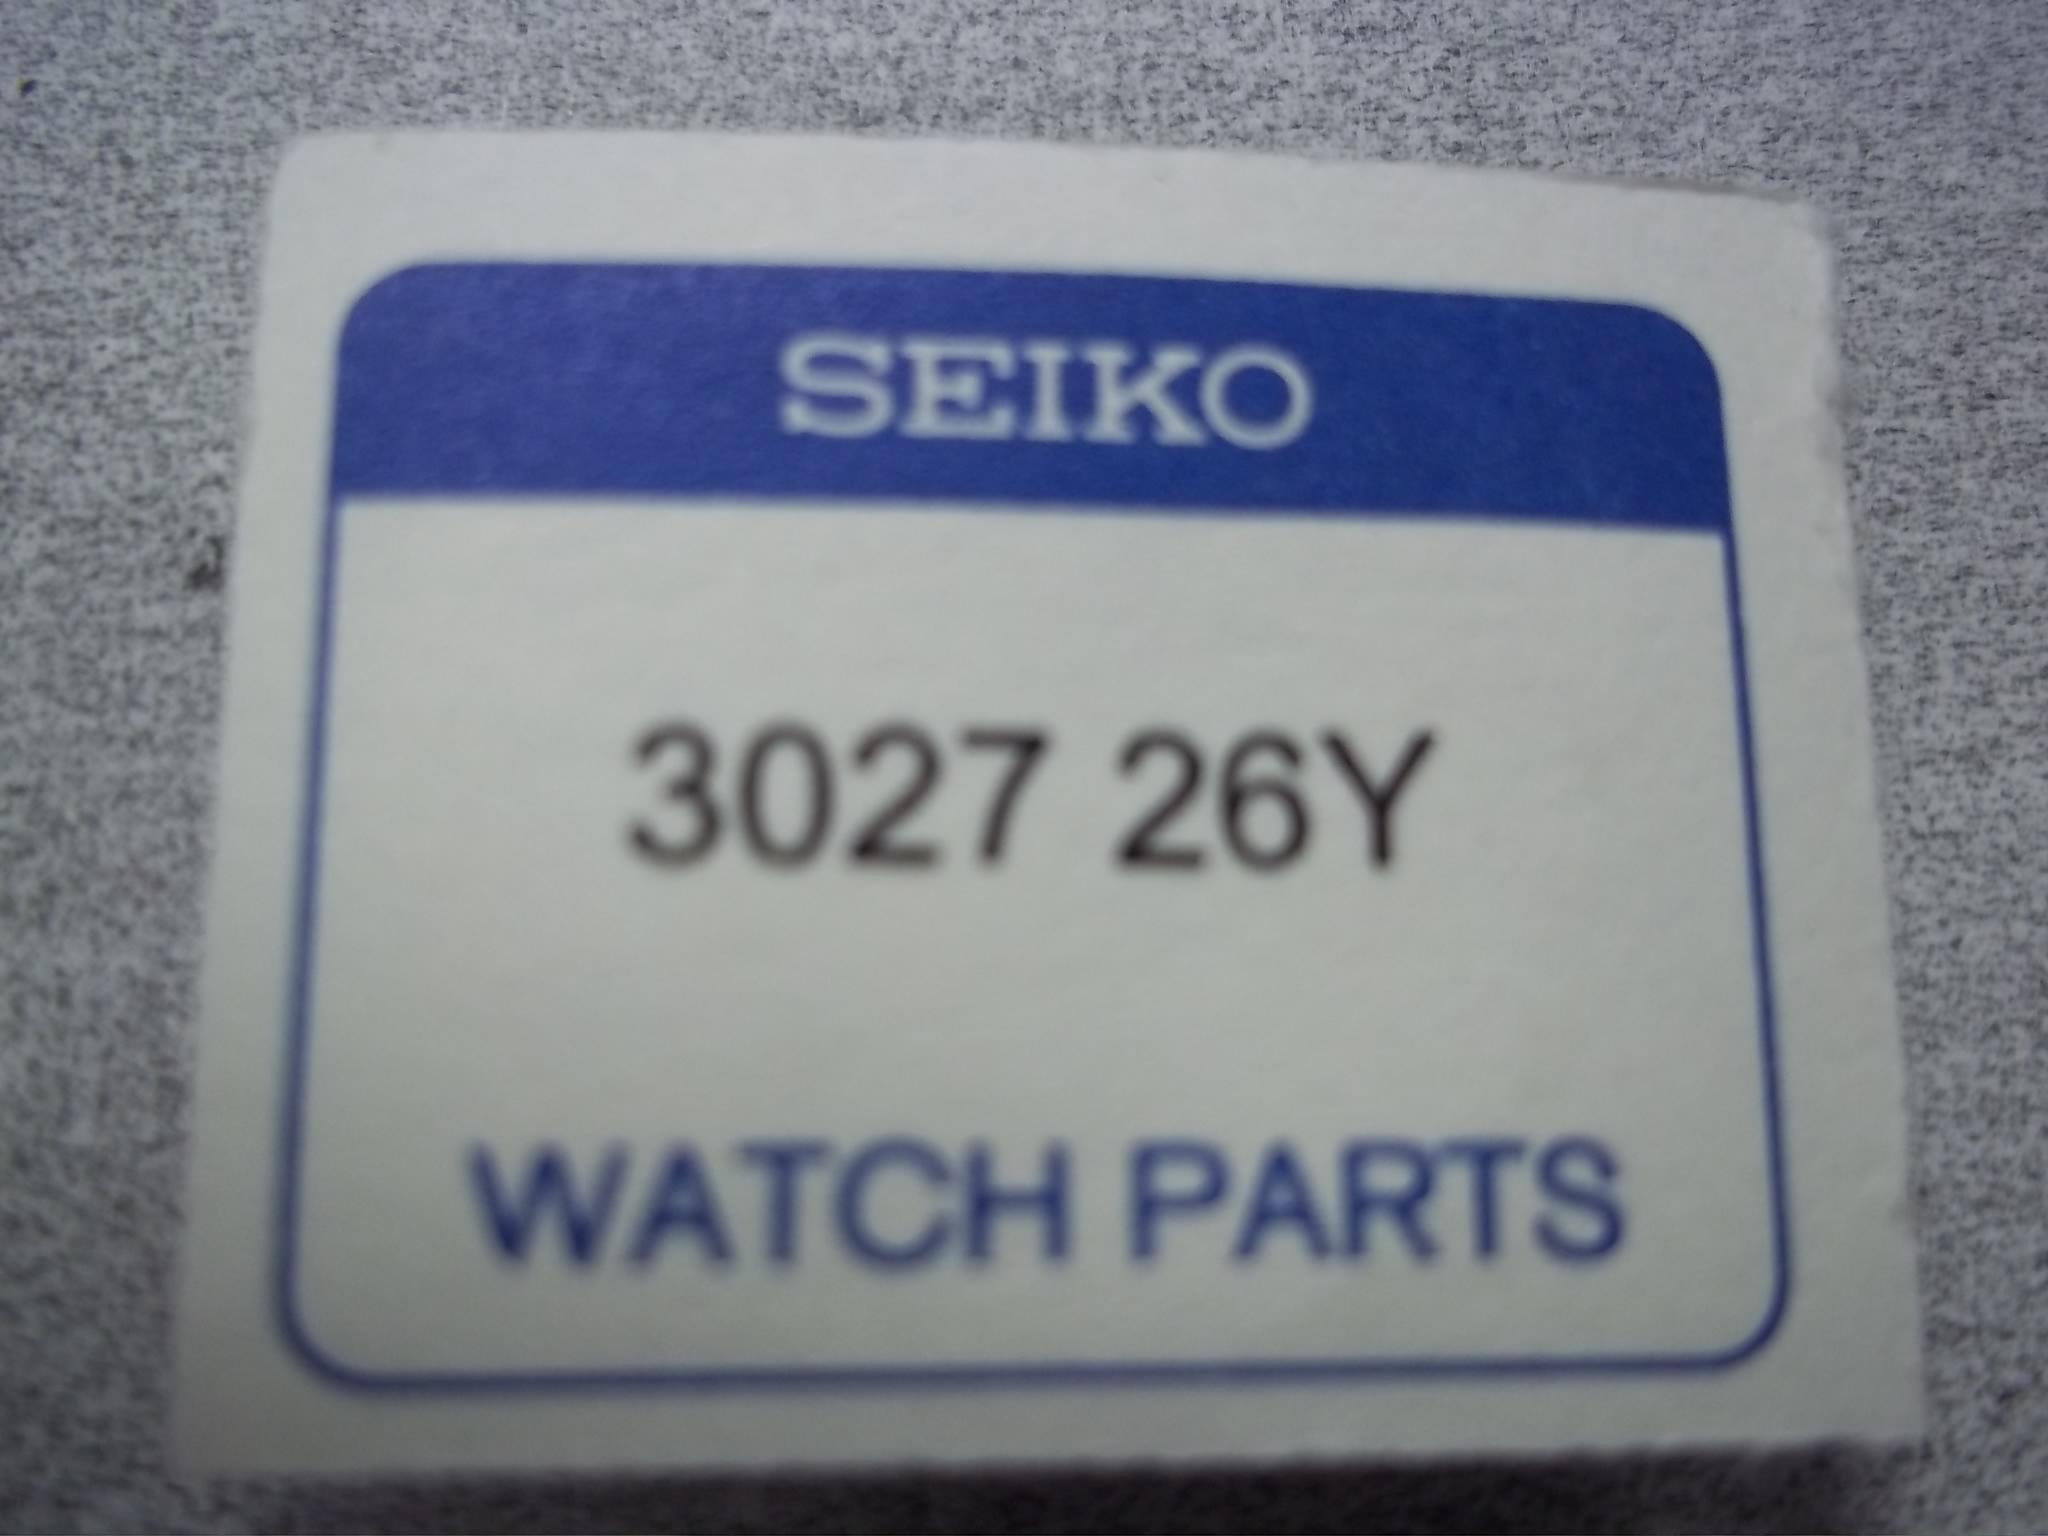 3027.26Ymz Seiko Capacitor